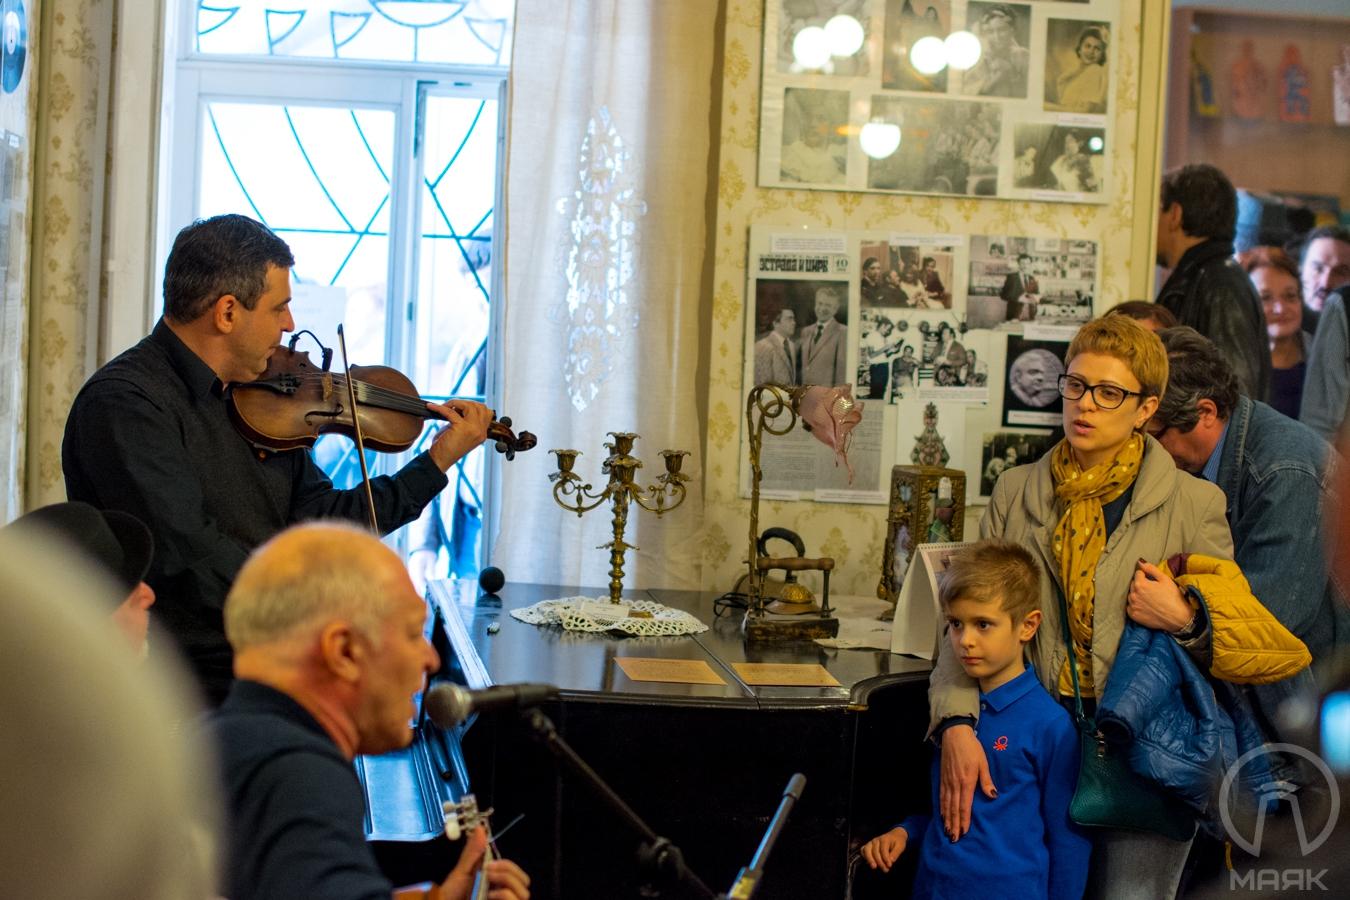 В Музее истории евреев Одессы открылась выставка к юбилею Утесова (фоторепортаж)